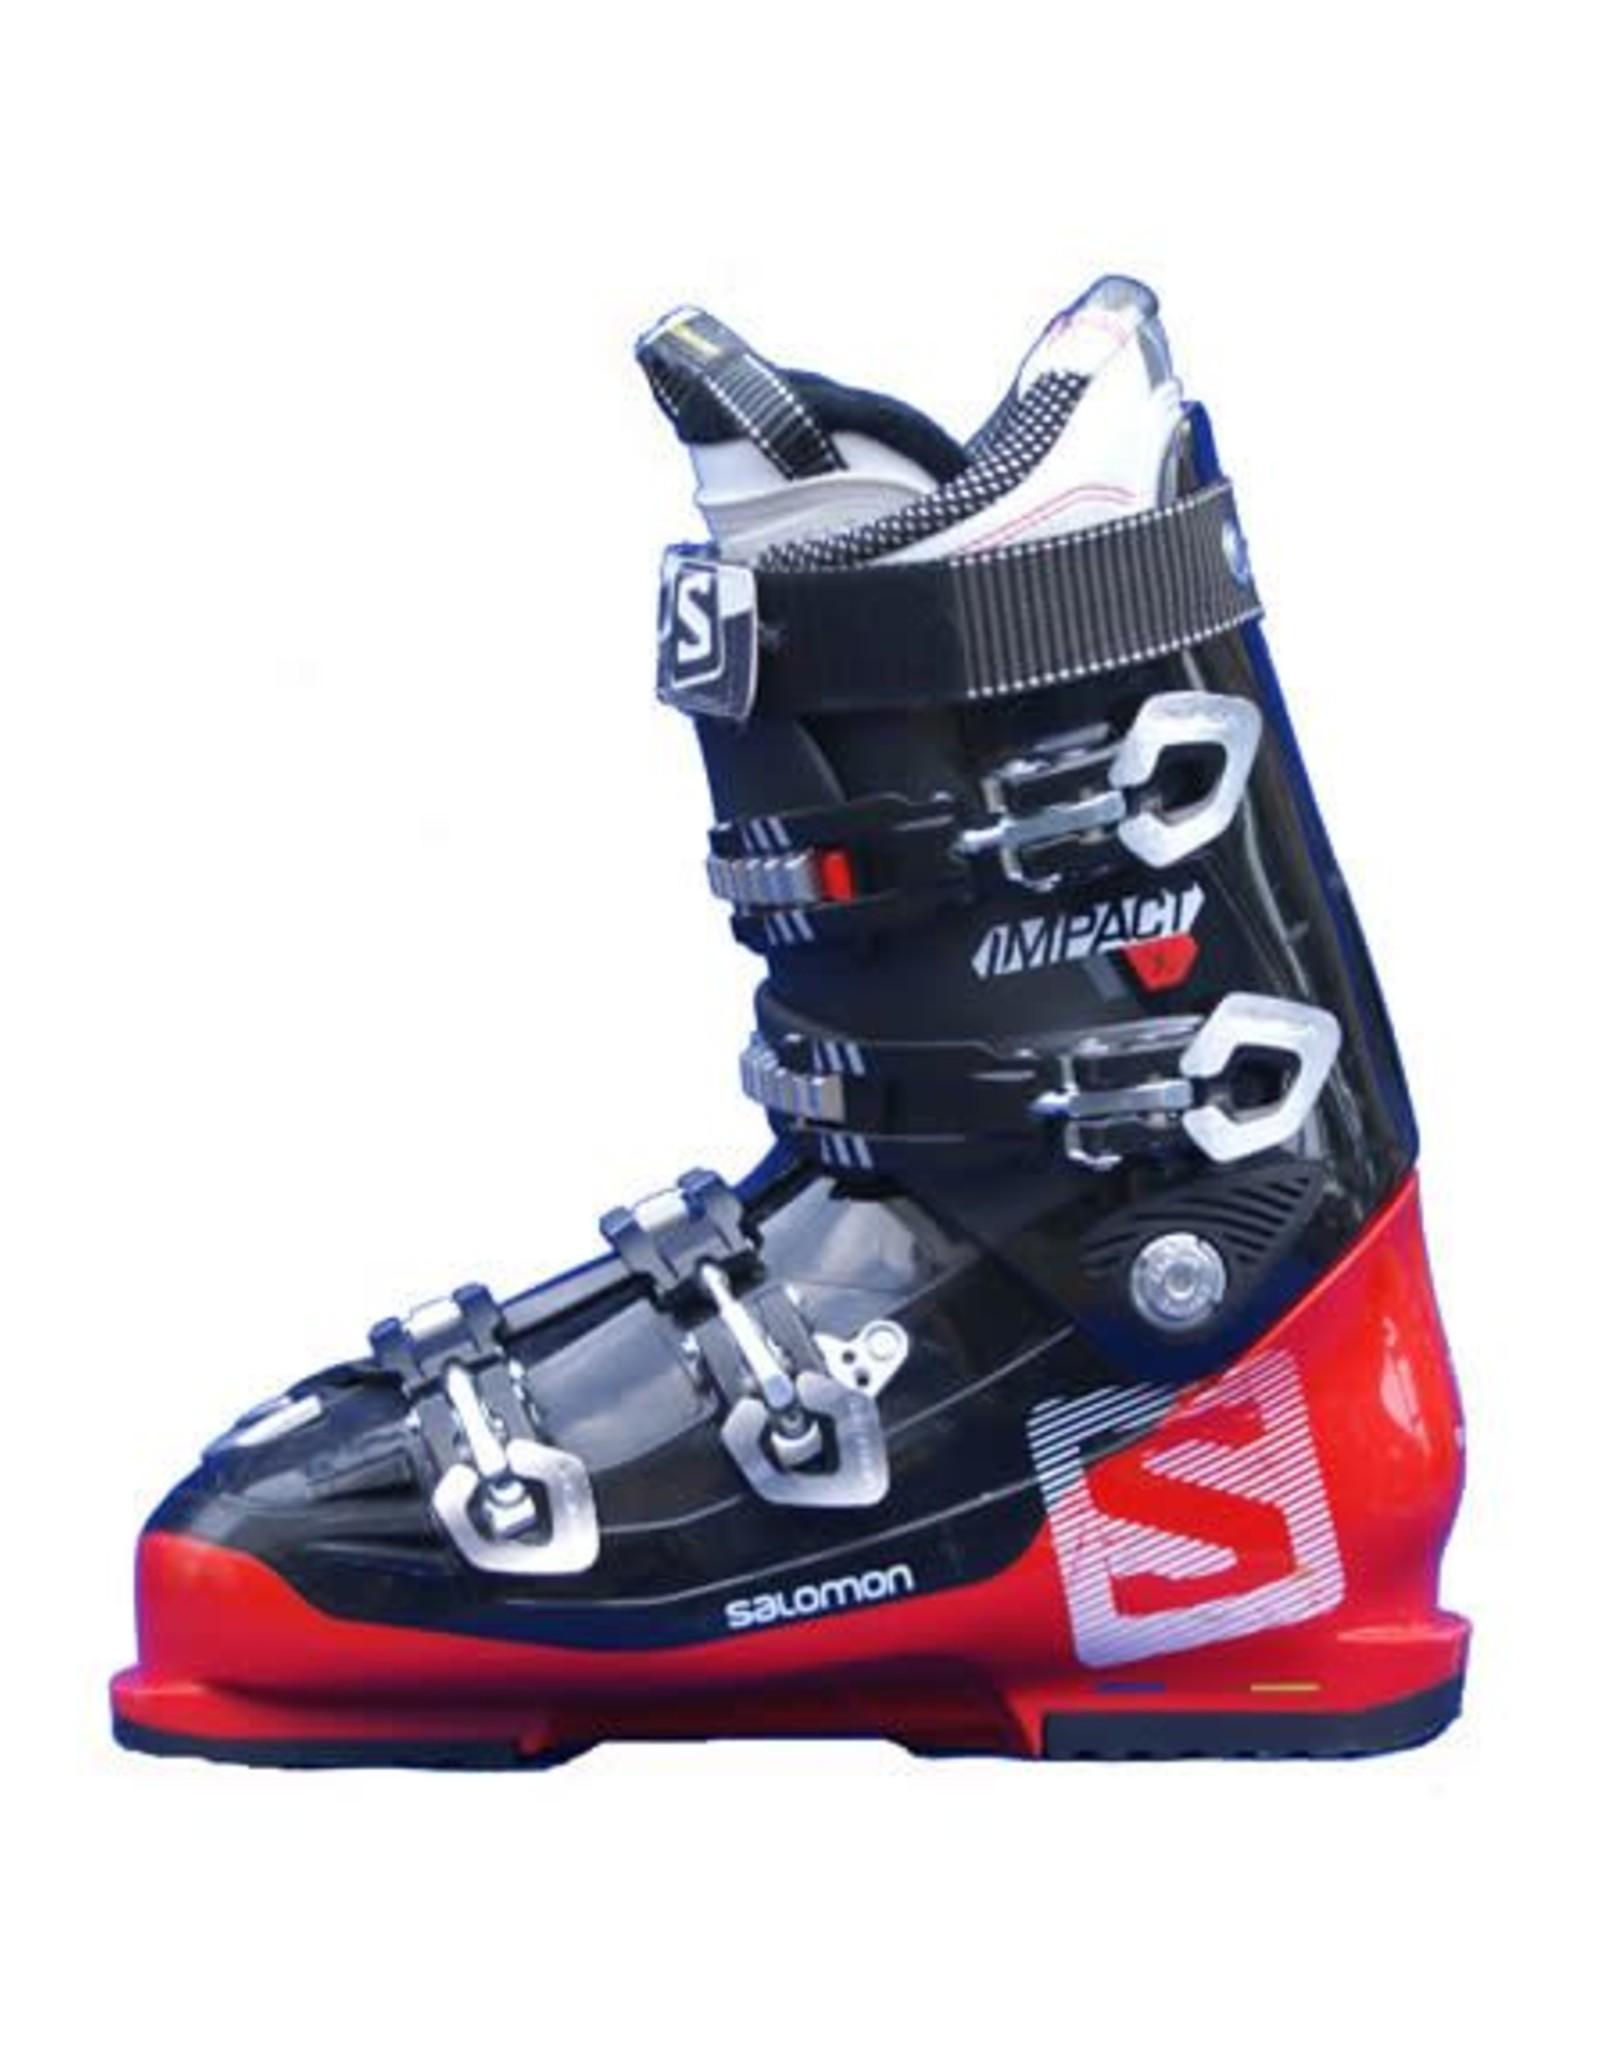 SALOMON Skischoenen SALOMON Impact X  Rood/Zwart Gebruikt